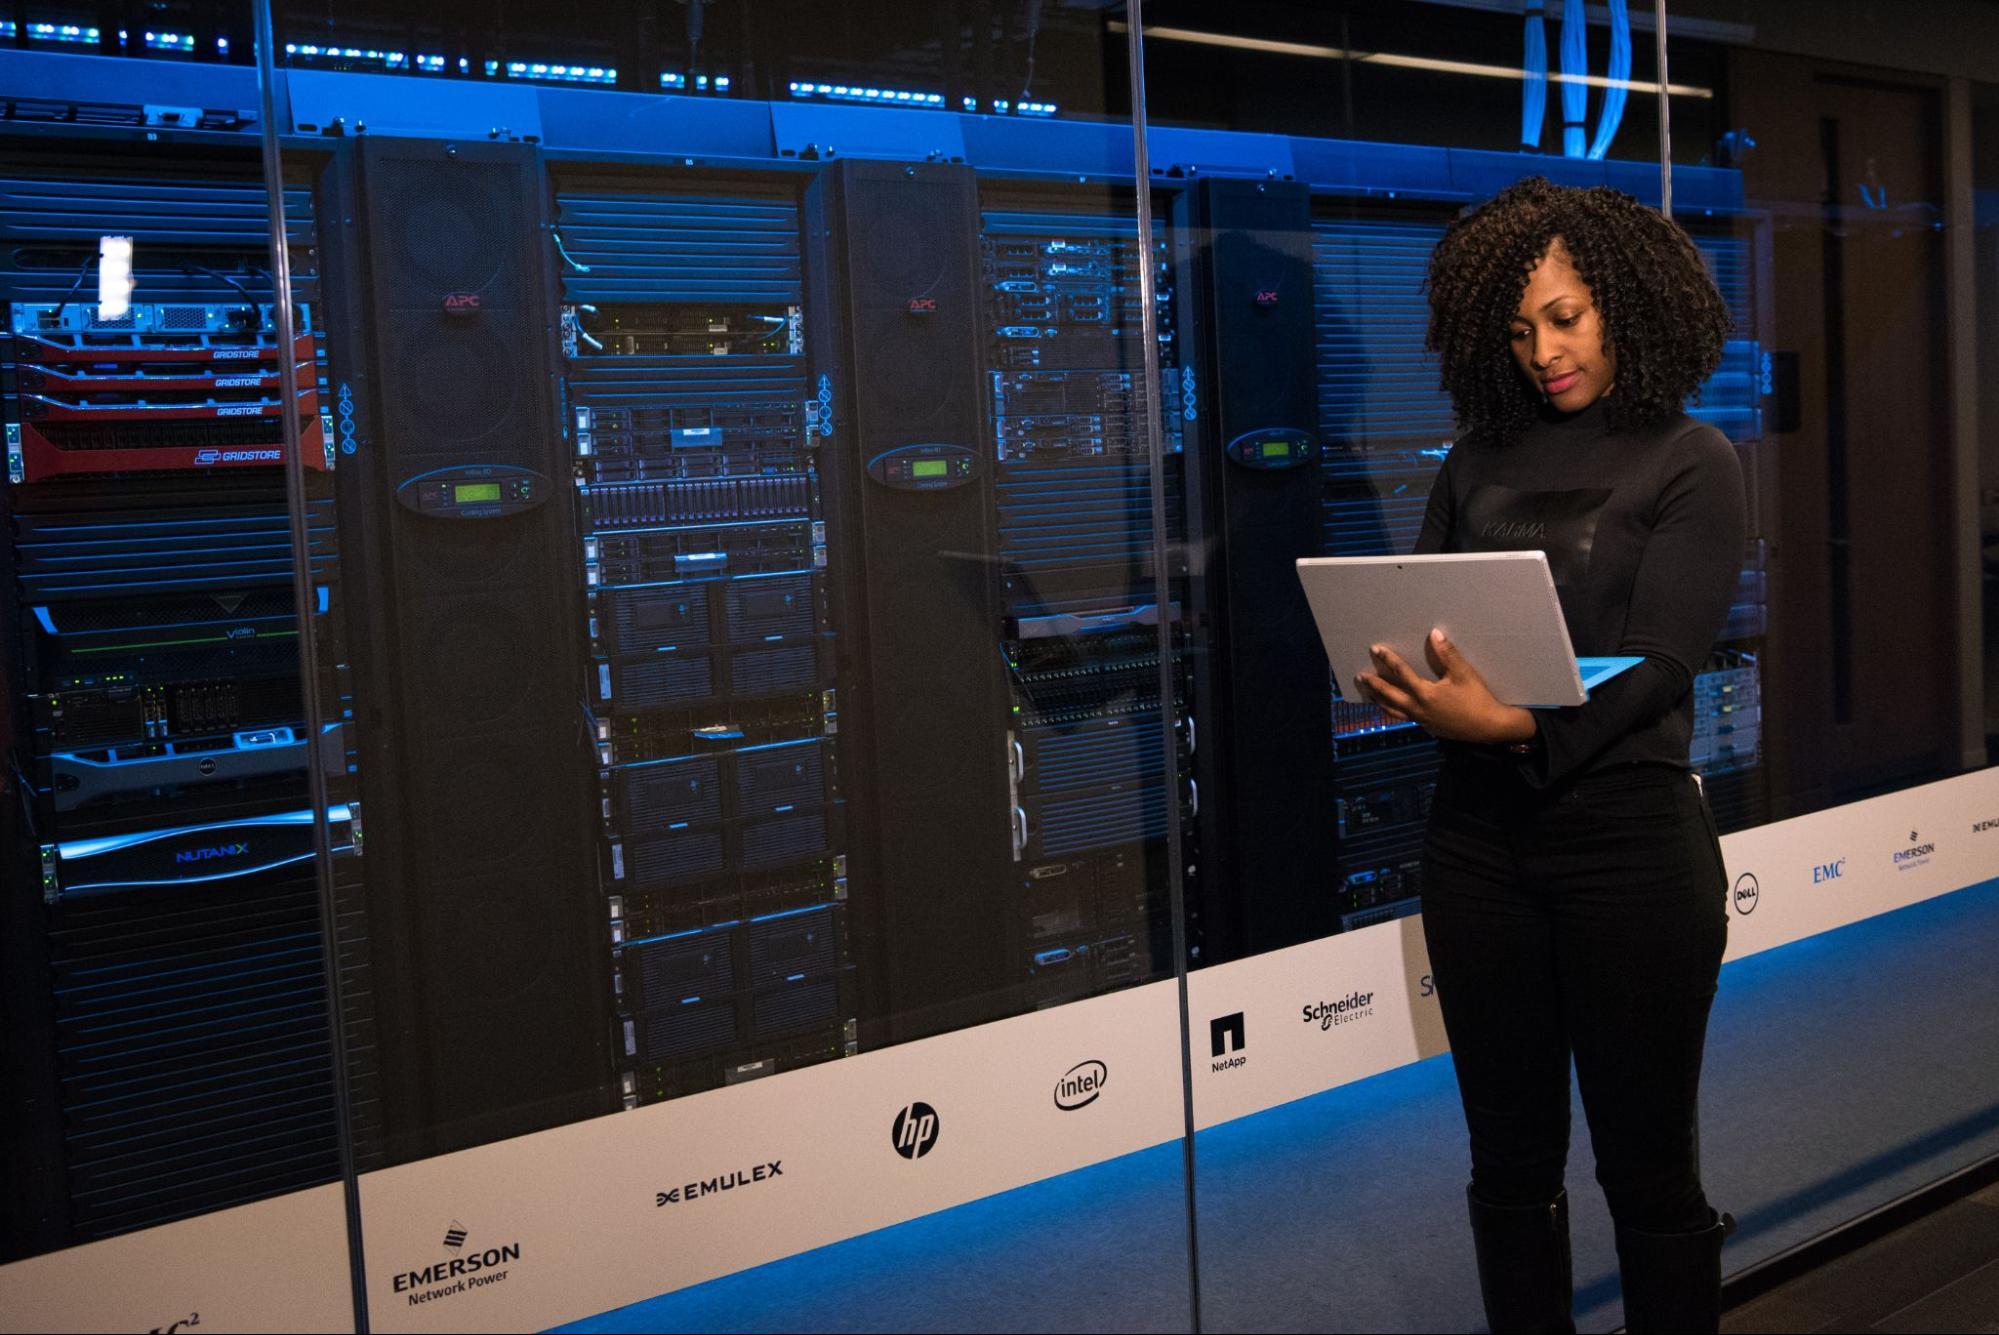 Data Center Network Equipment